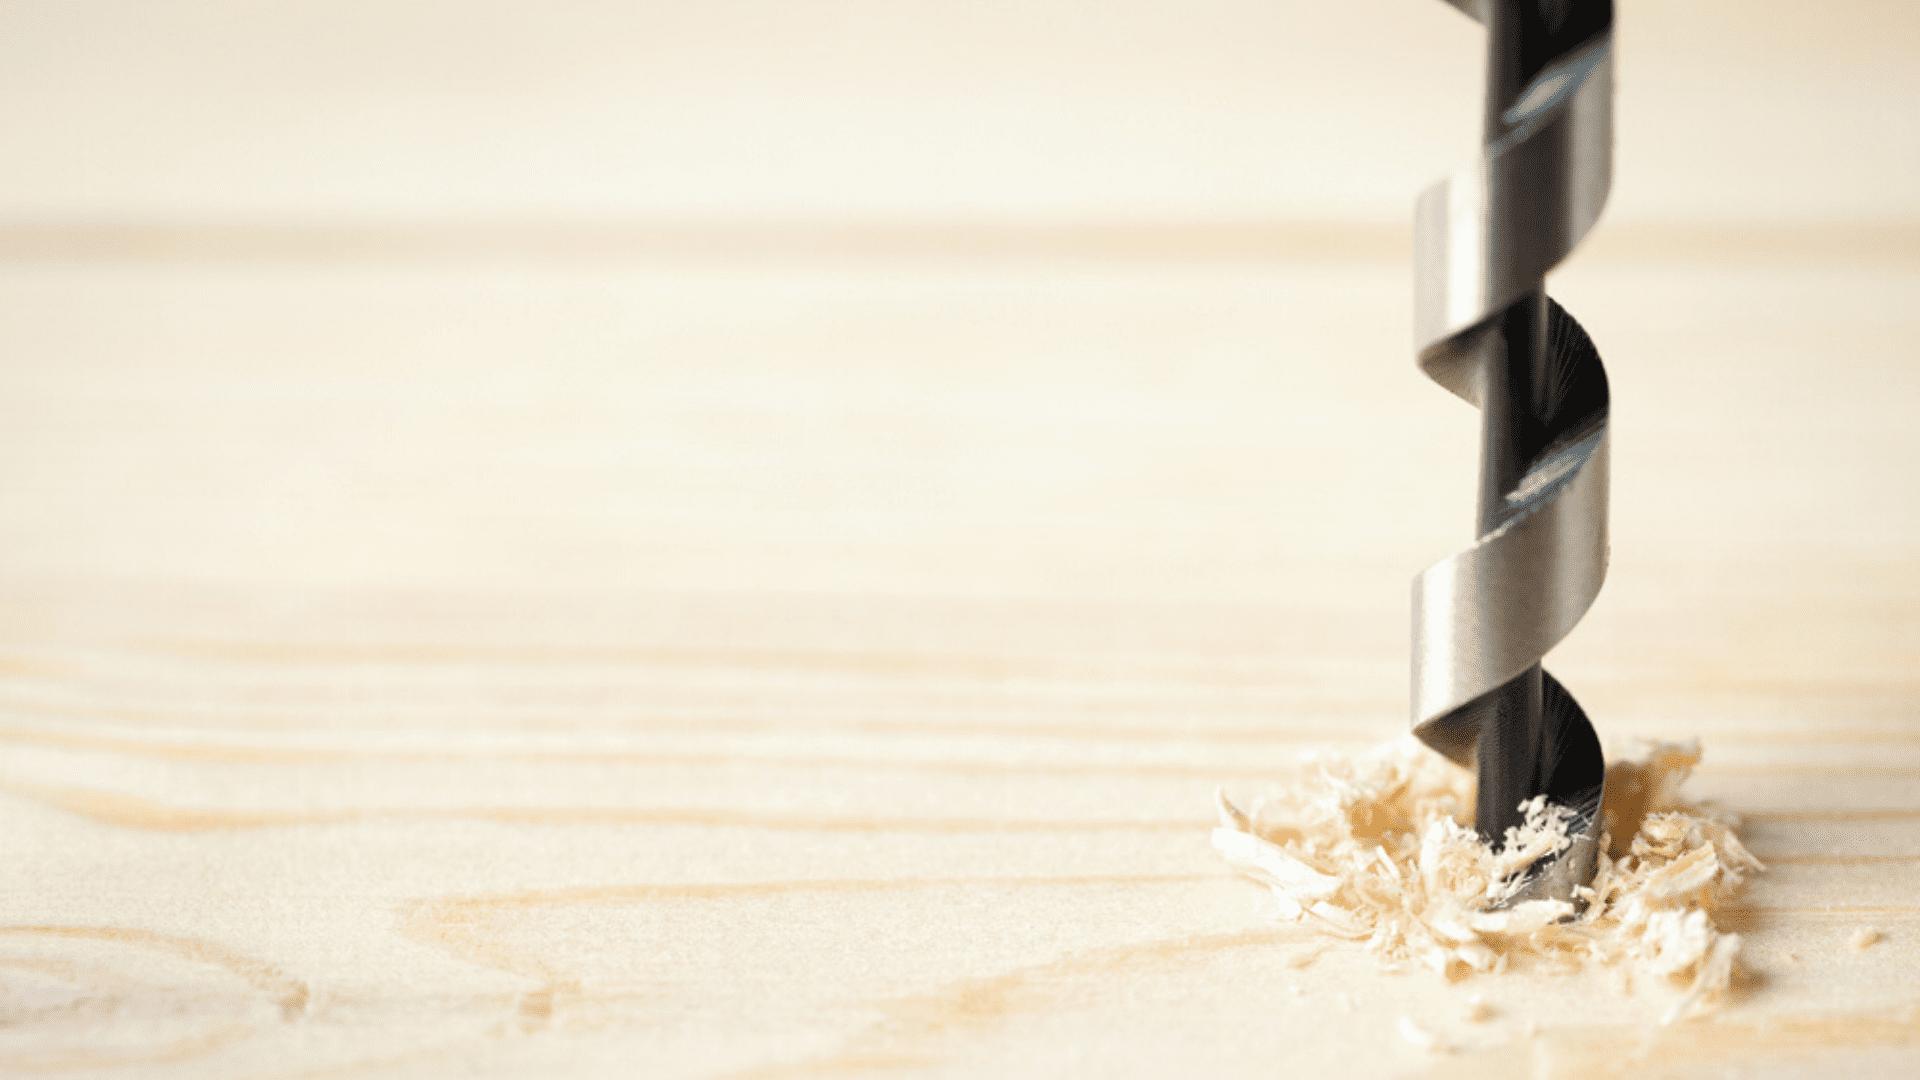 Preparamos um passo a passo para você saber como usar uma furadeira (Imagem: Reprodução/Shutterstock)